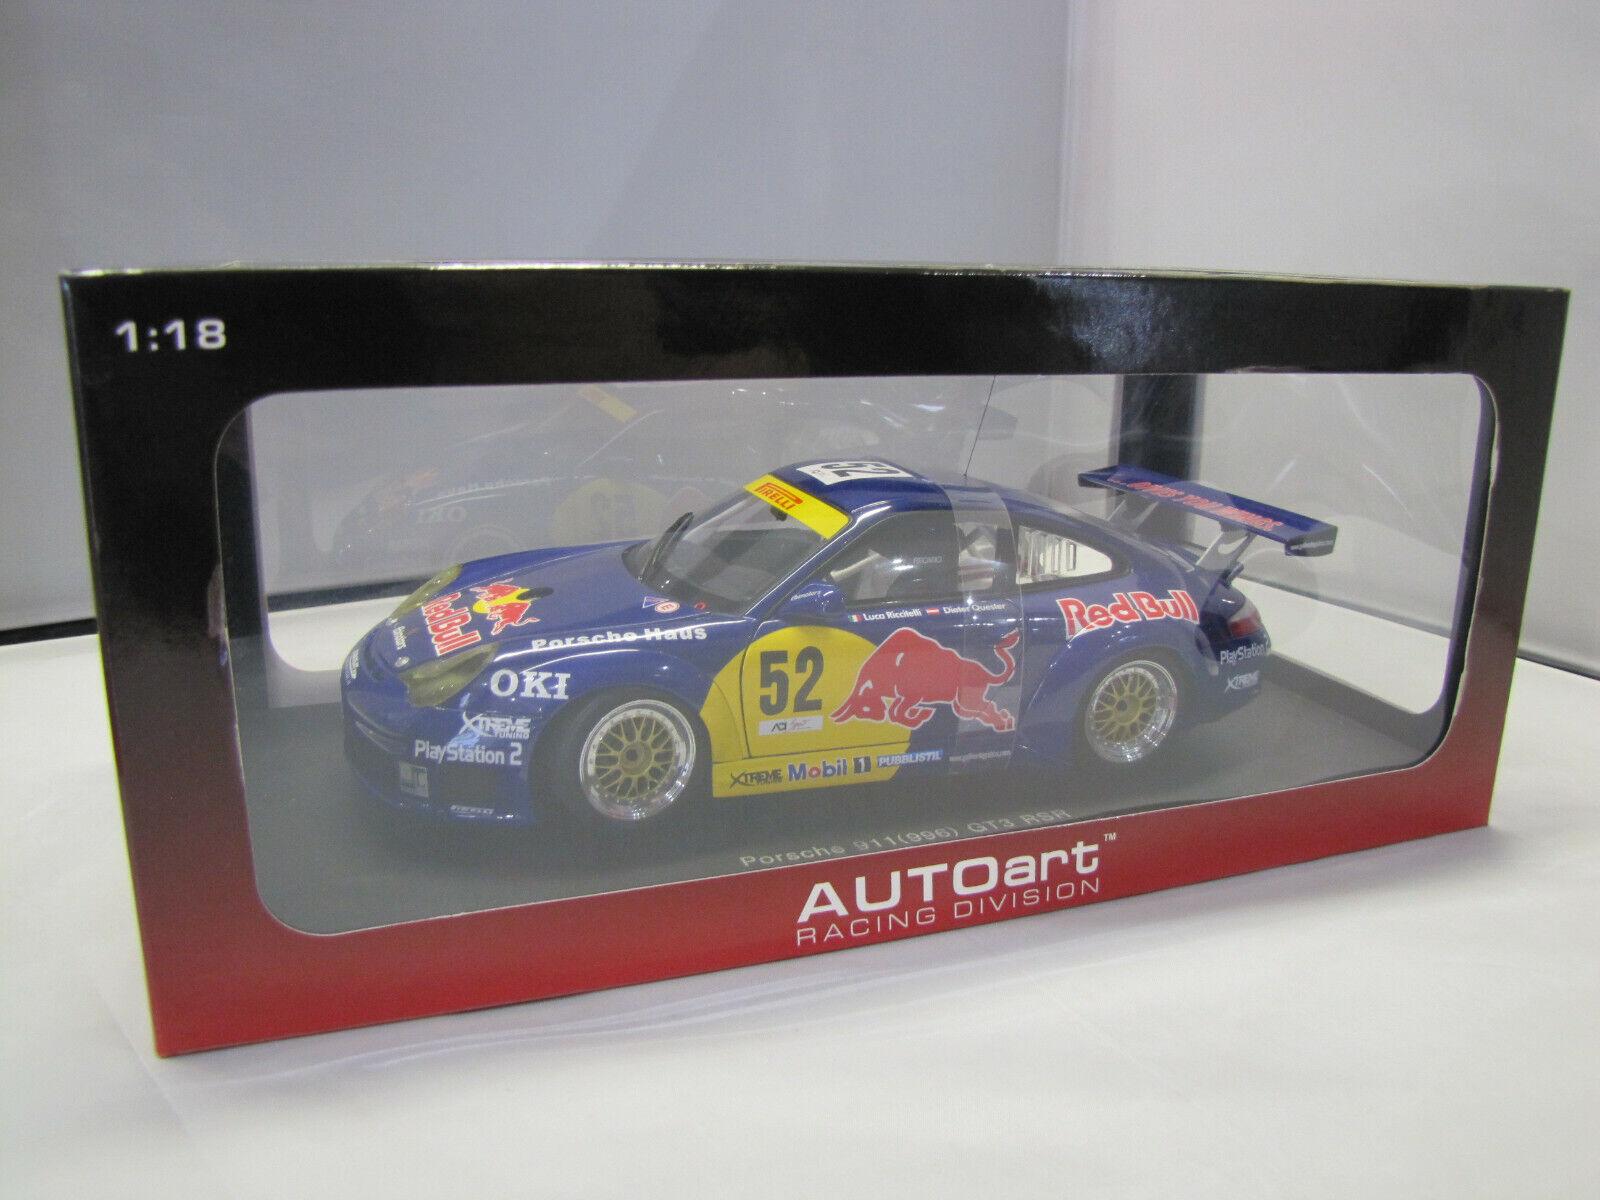 80473 Autoart Porsche 911 gt3 RSR (996) MONZA 2004 RED BULL N. 52 - 1:18